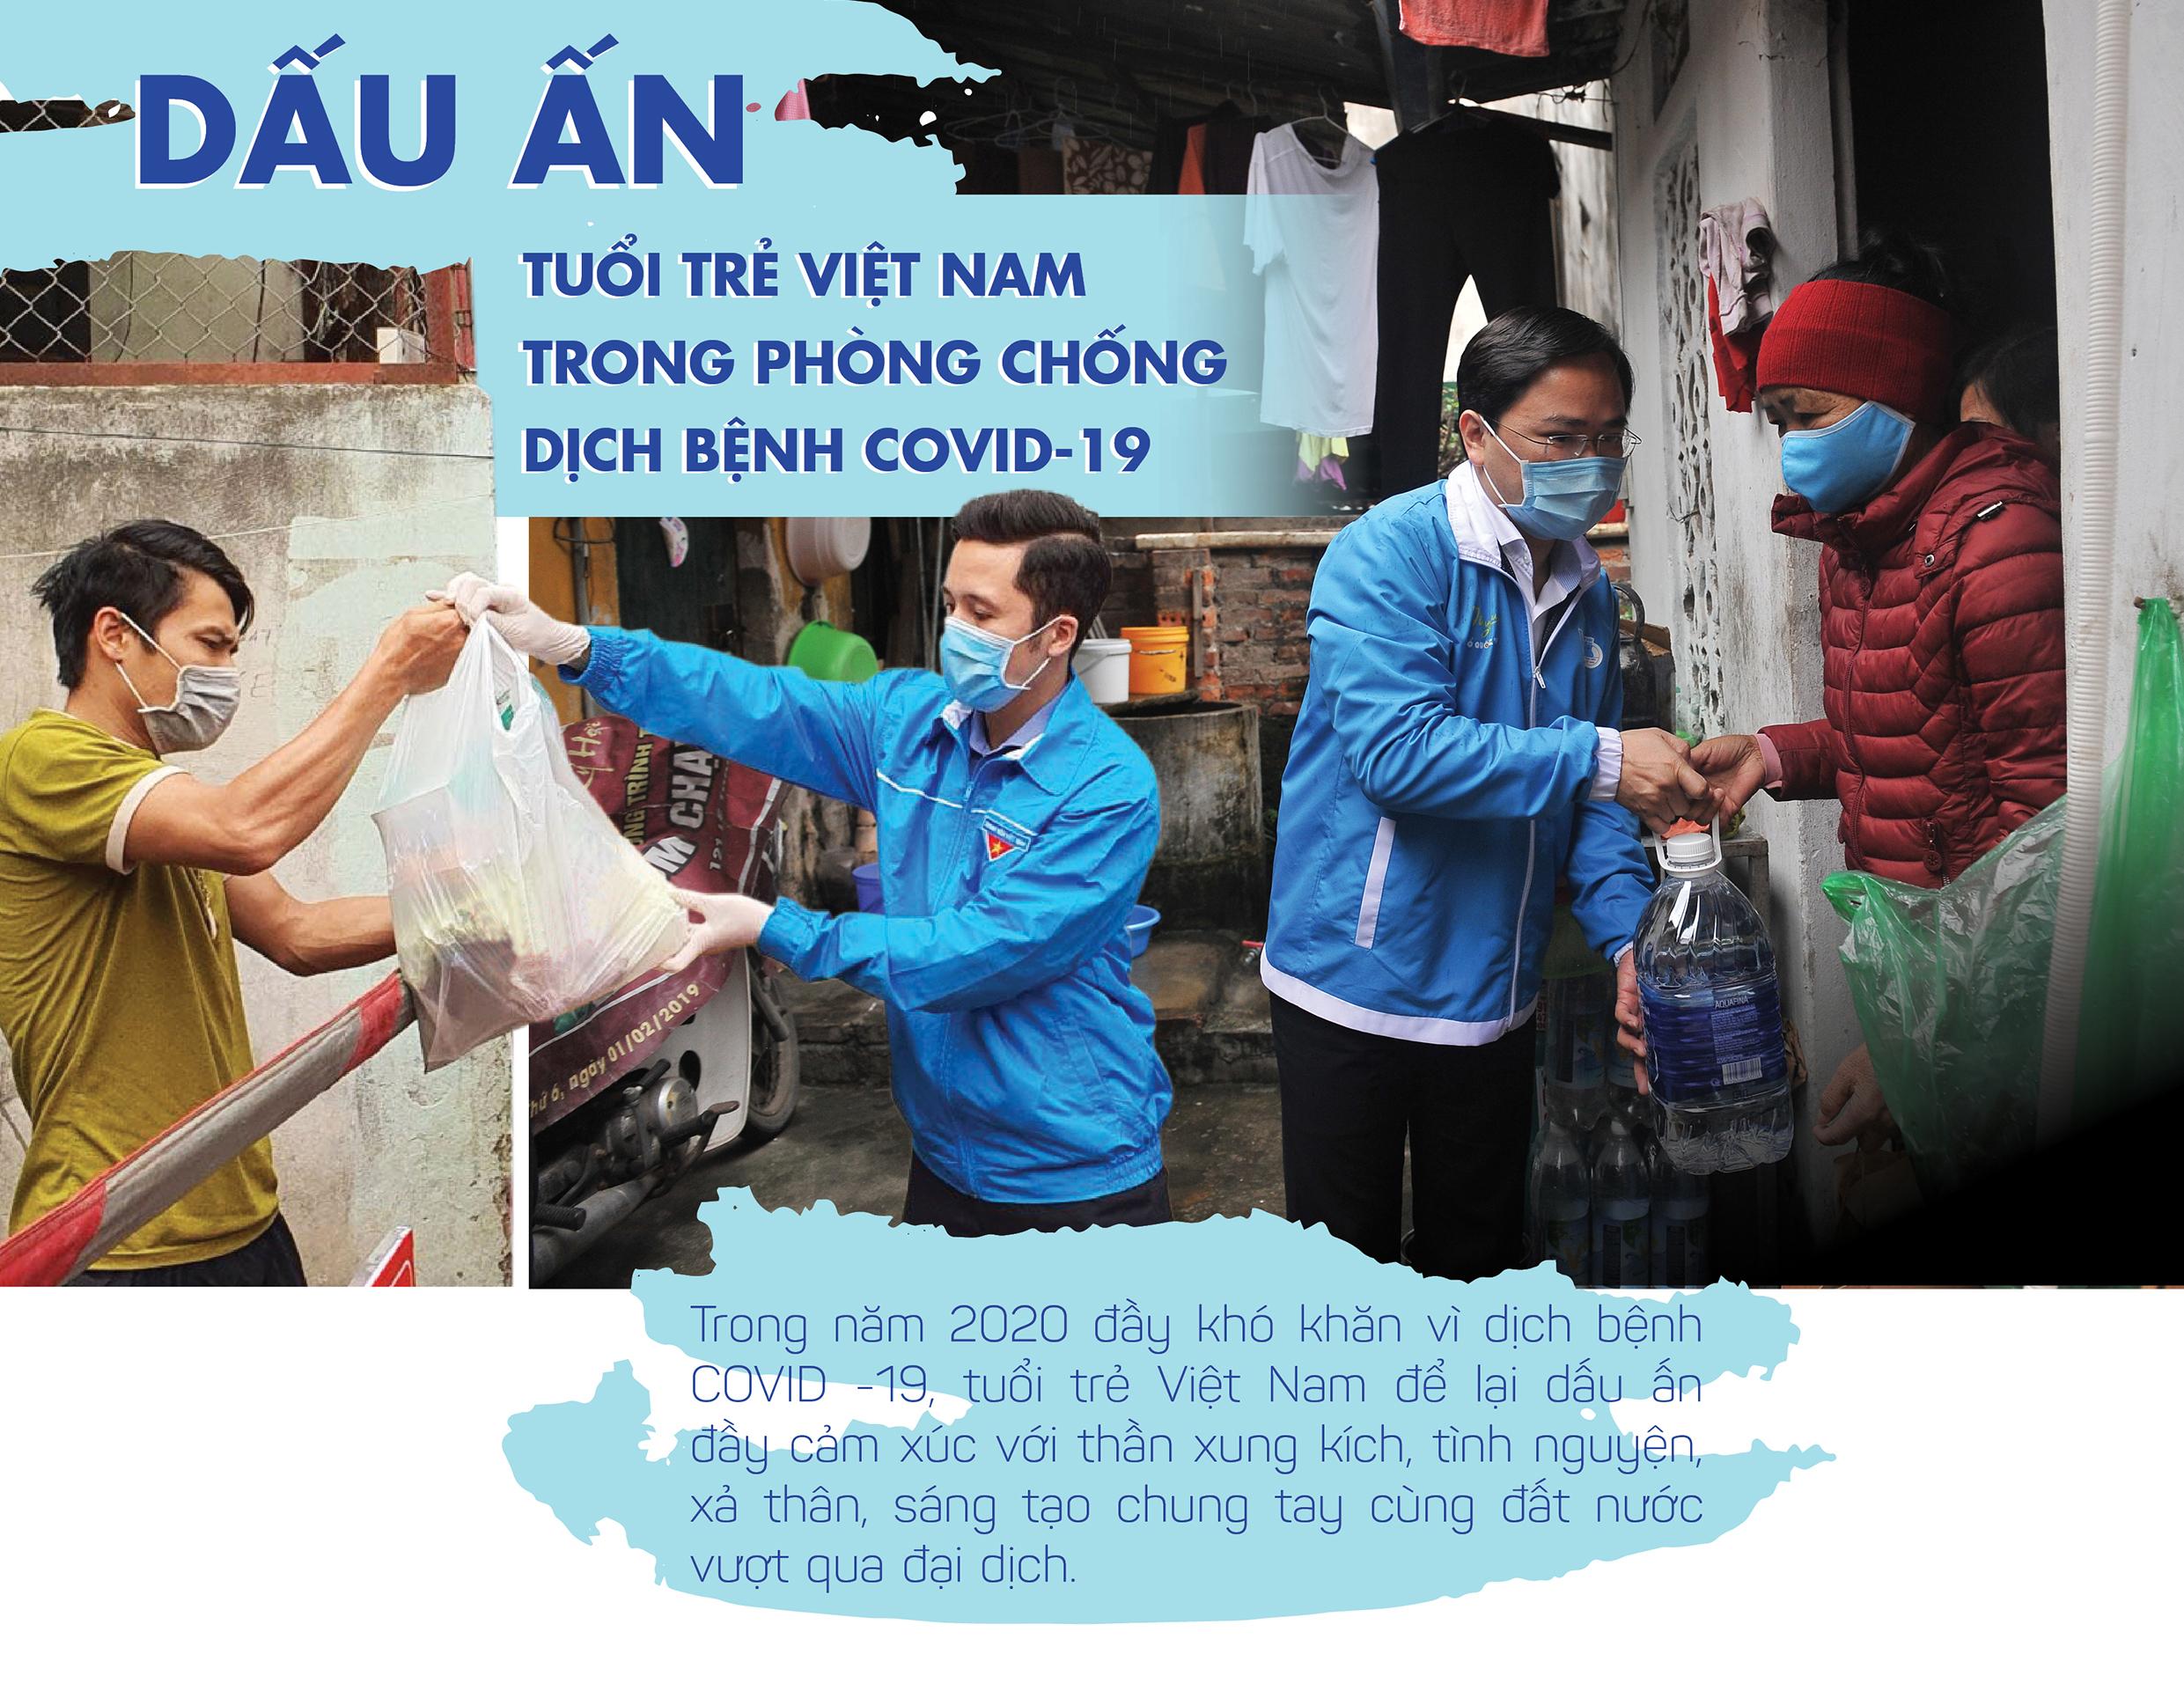 Dấu ấn Tuổi trẻ Việt Nam trong phòng chống dịch COVID-19